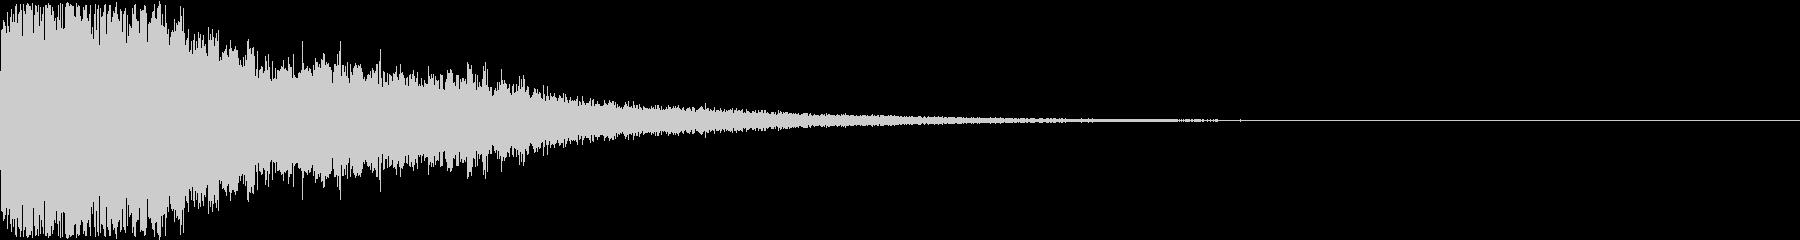 刀 剣 ソード カキーン キュイーン24の未再生の波形